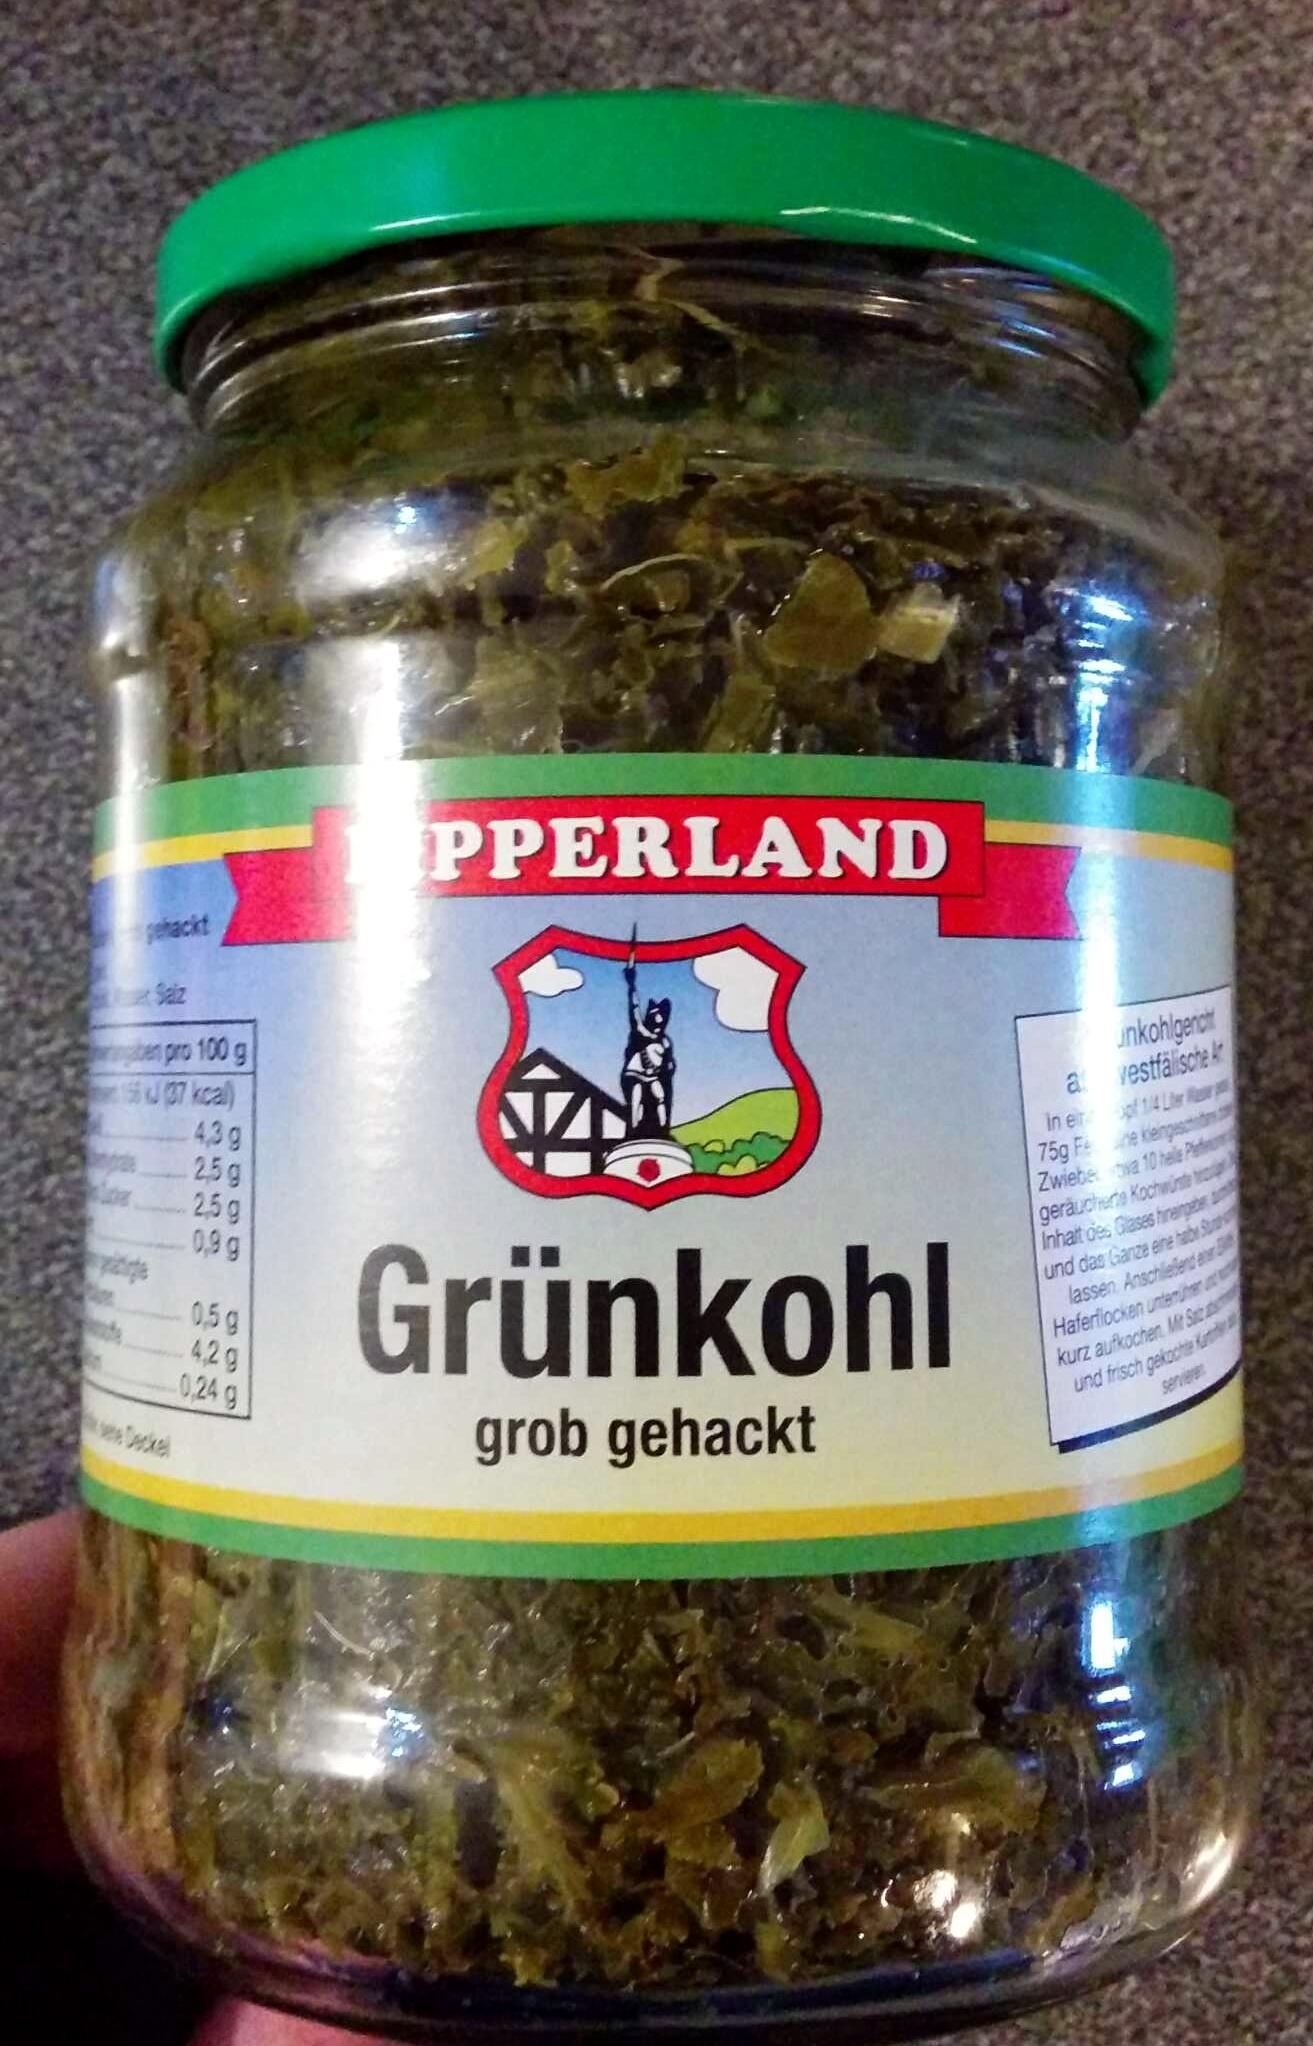 Grünkohl grob gehackt - Product